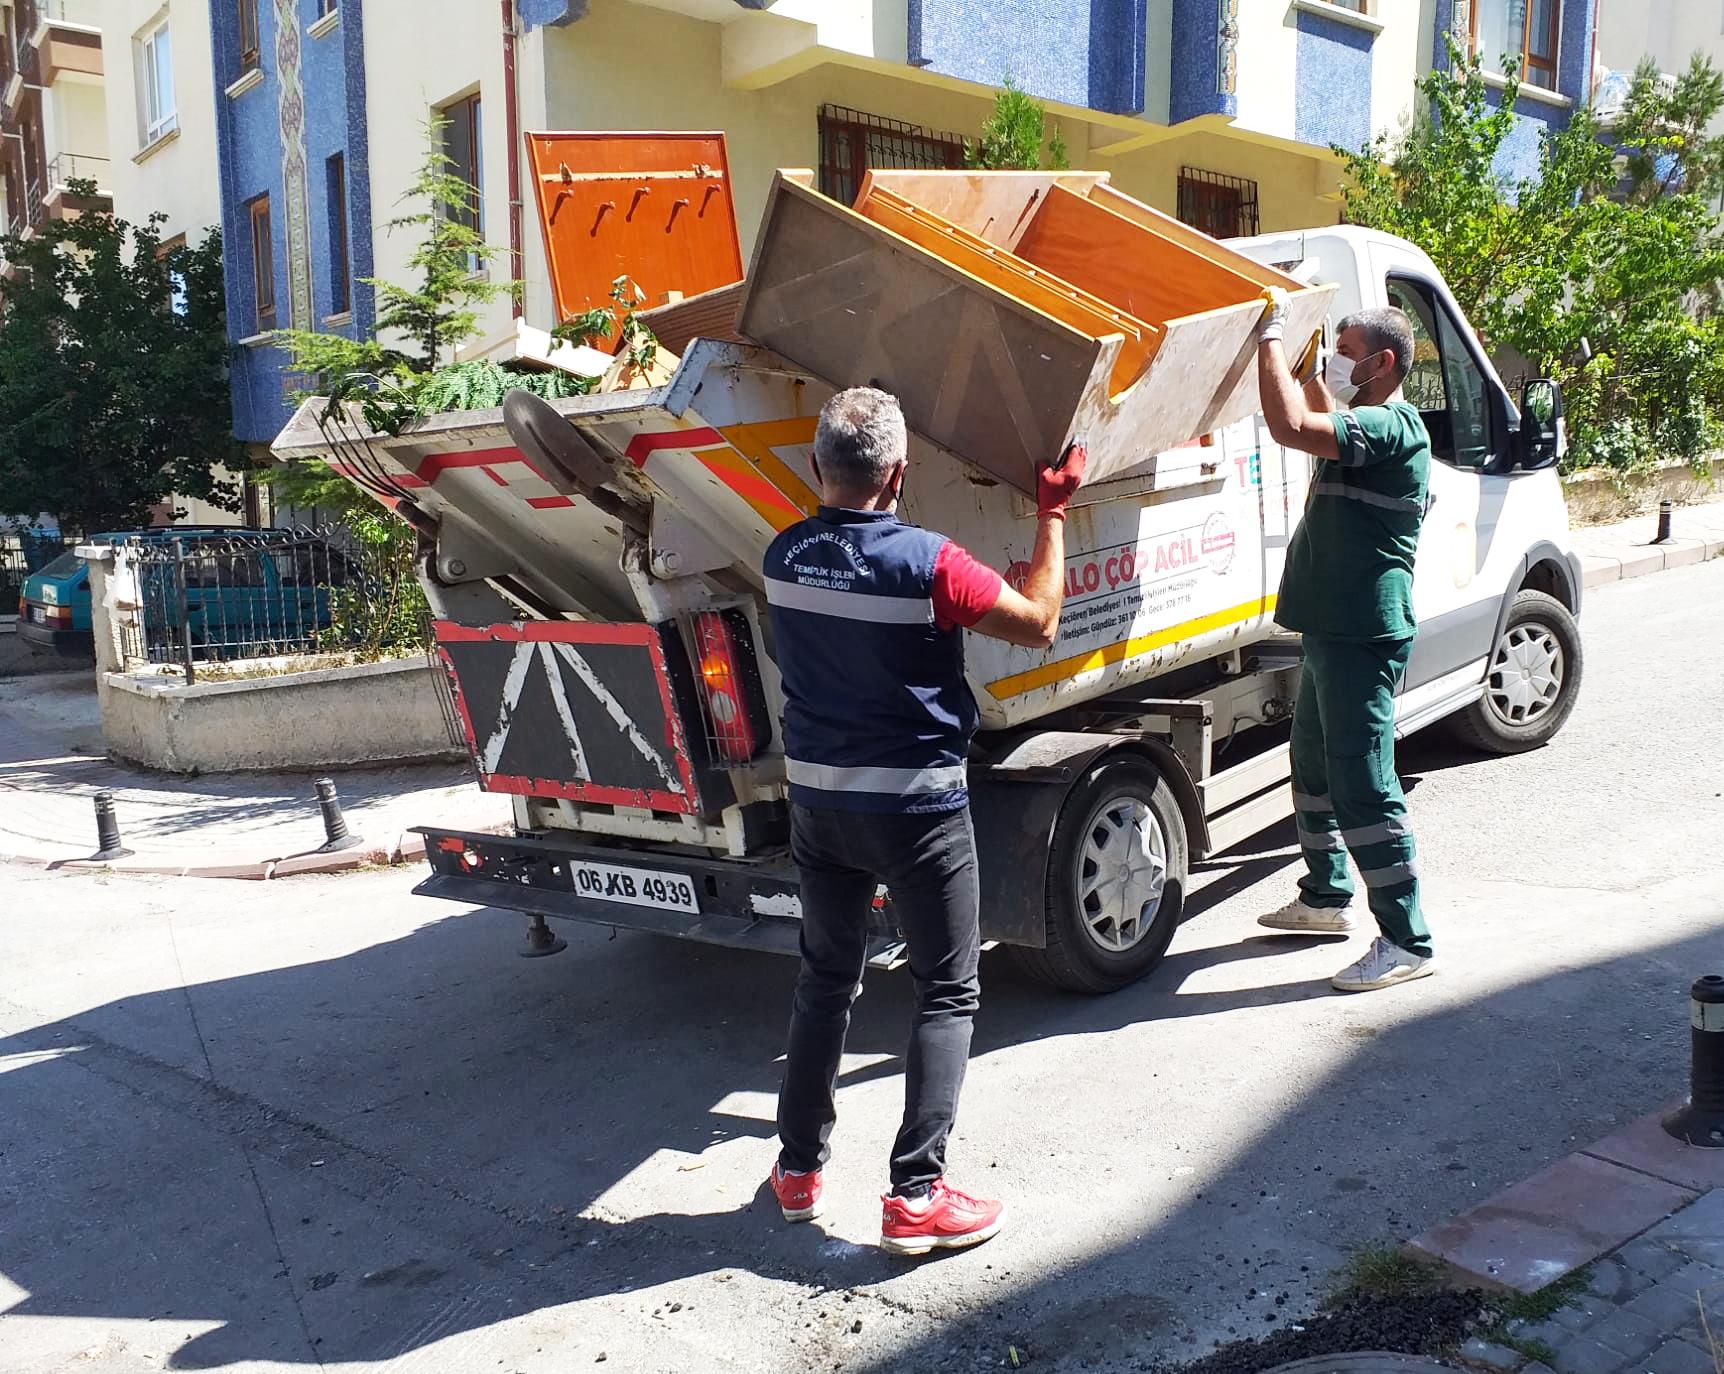 Keçiören Belediyesi'nin Hizmet Verdiği 'Alo Çöp Acil' Hizmette